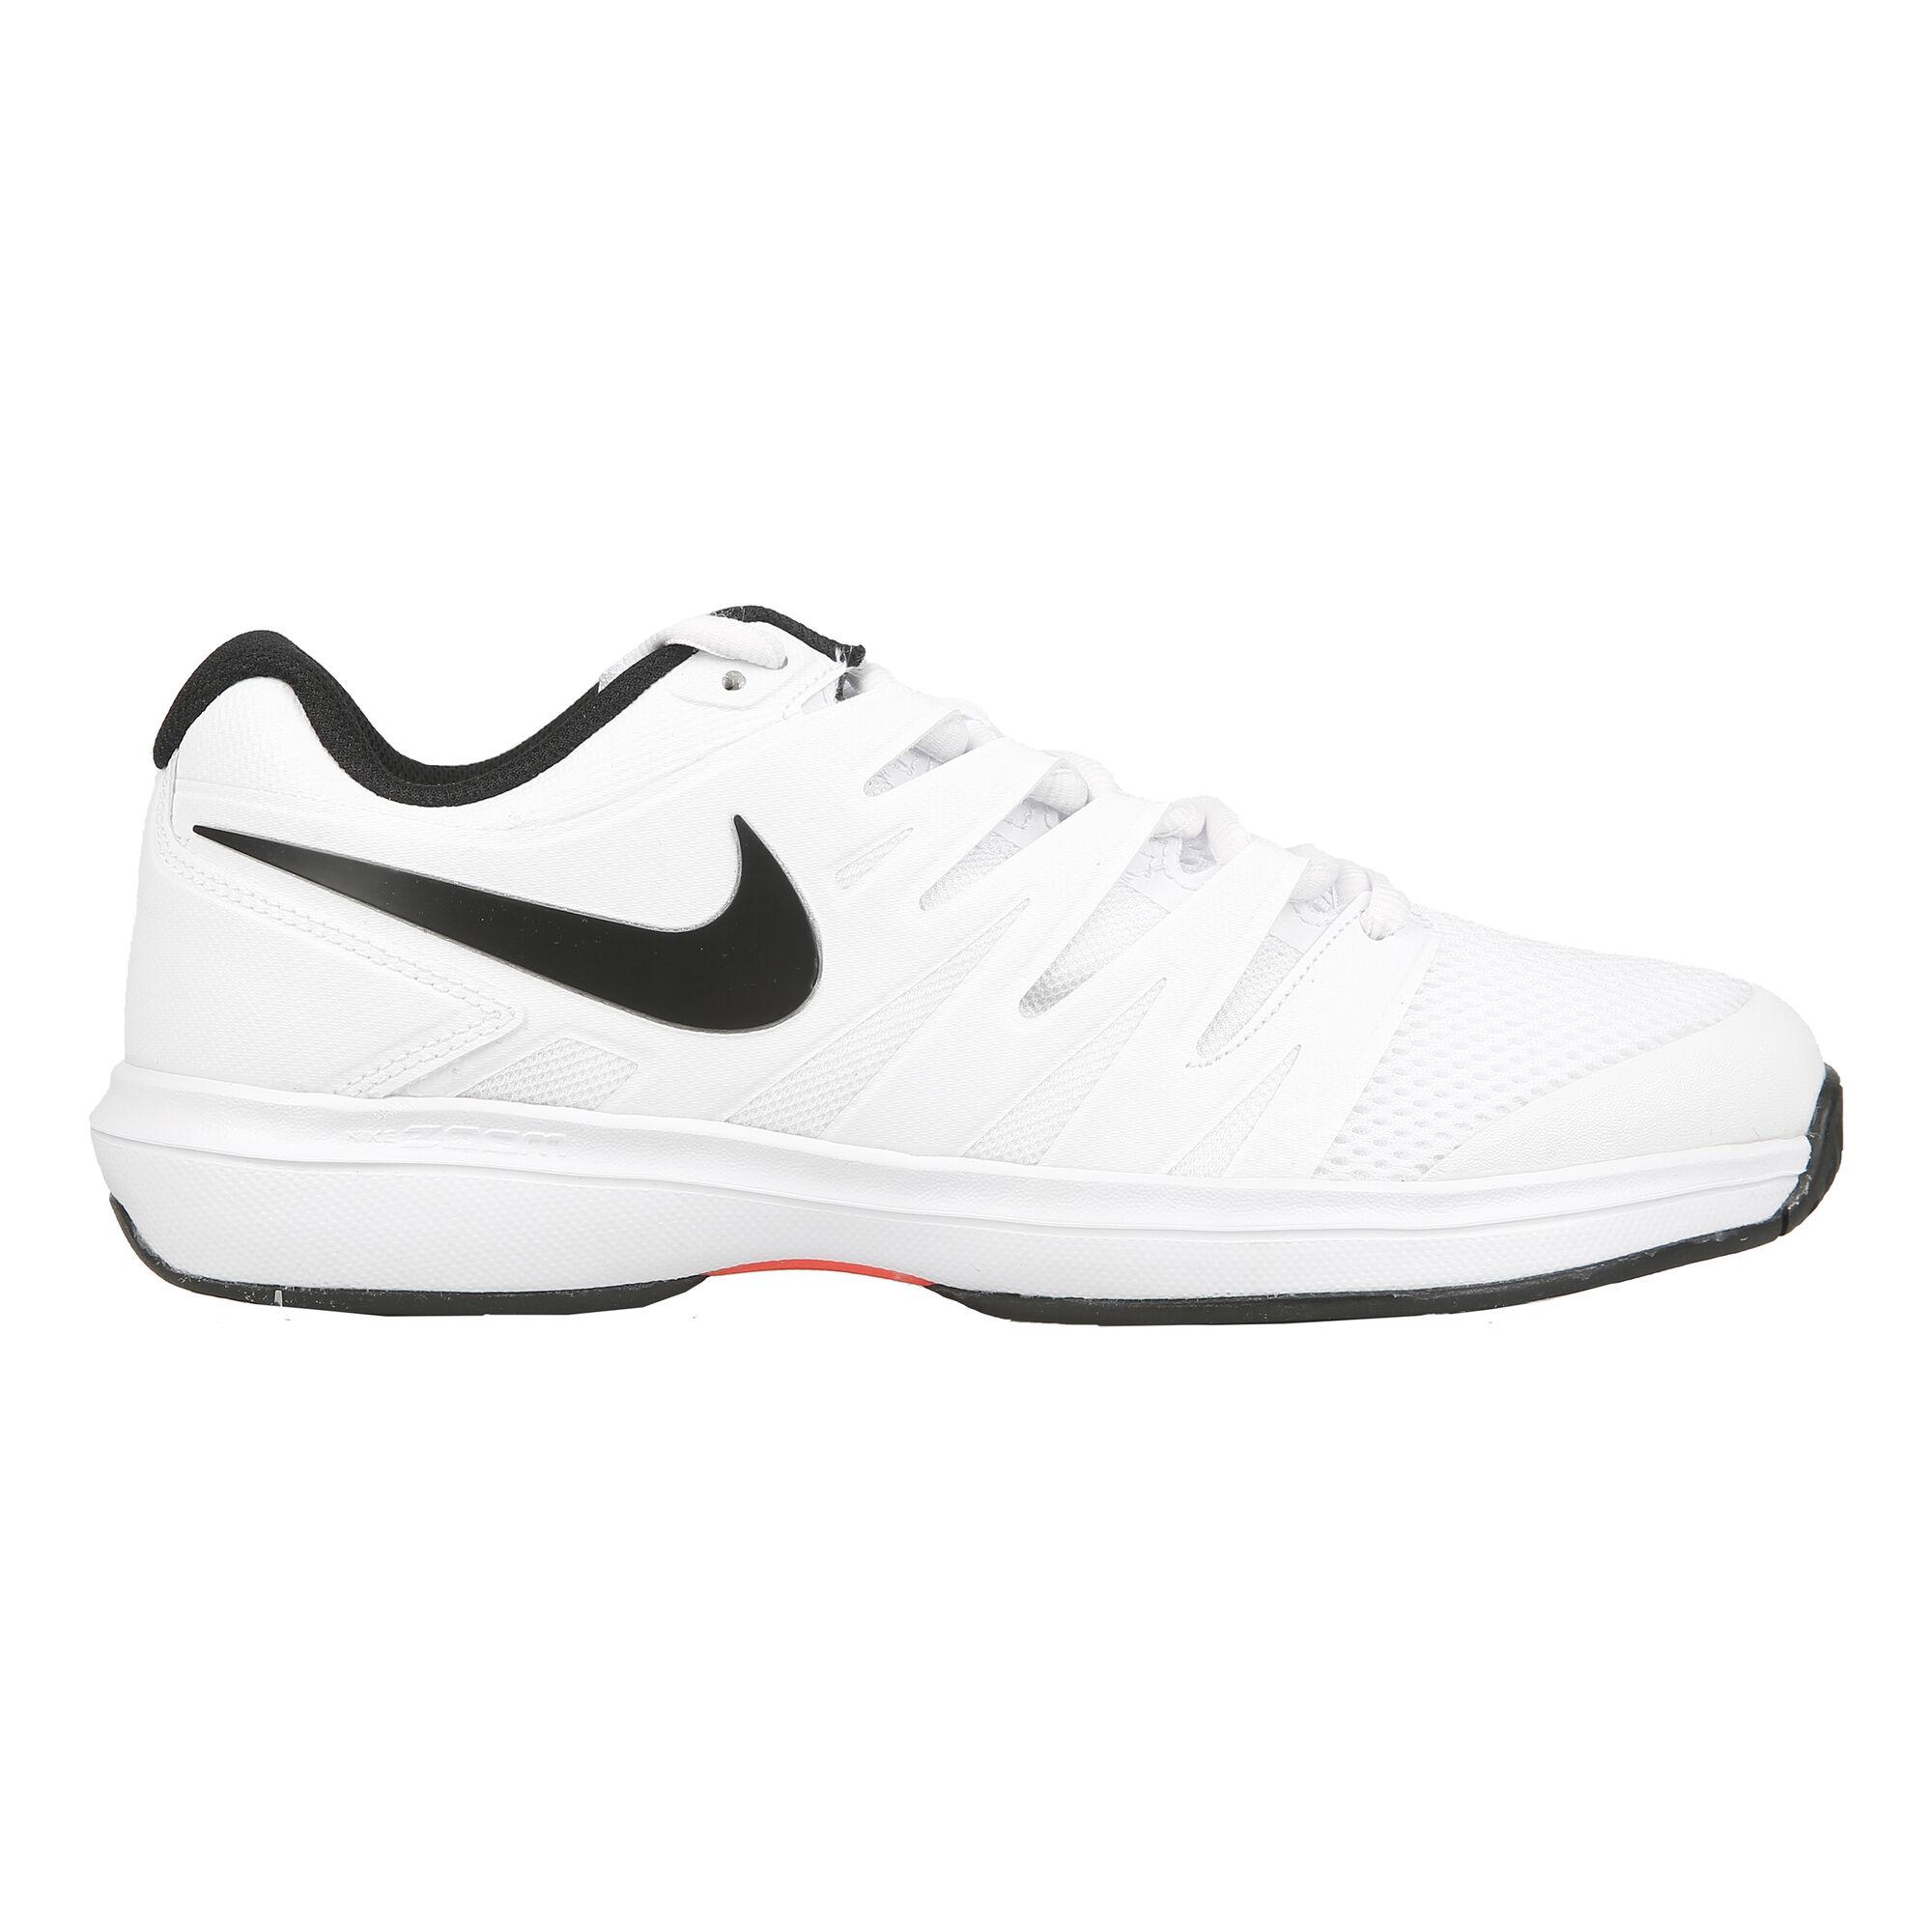 d43357d0b7 Nike Air Zoom Prestige HC Obuv Na Všechny Povrchy Muži - Bílá